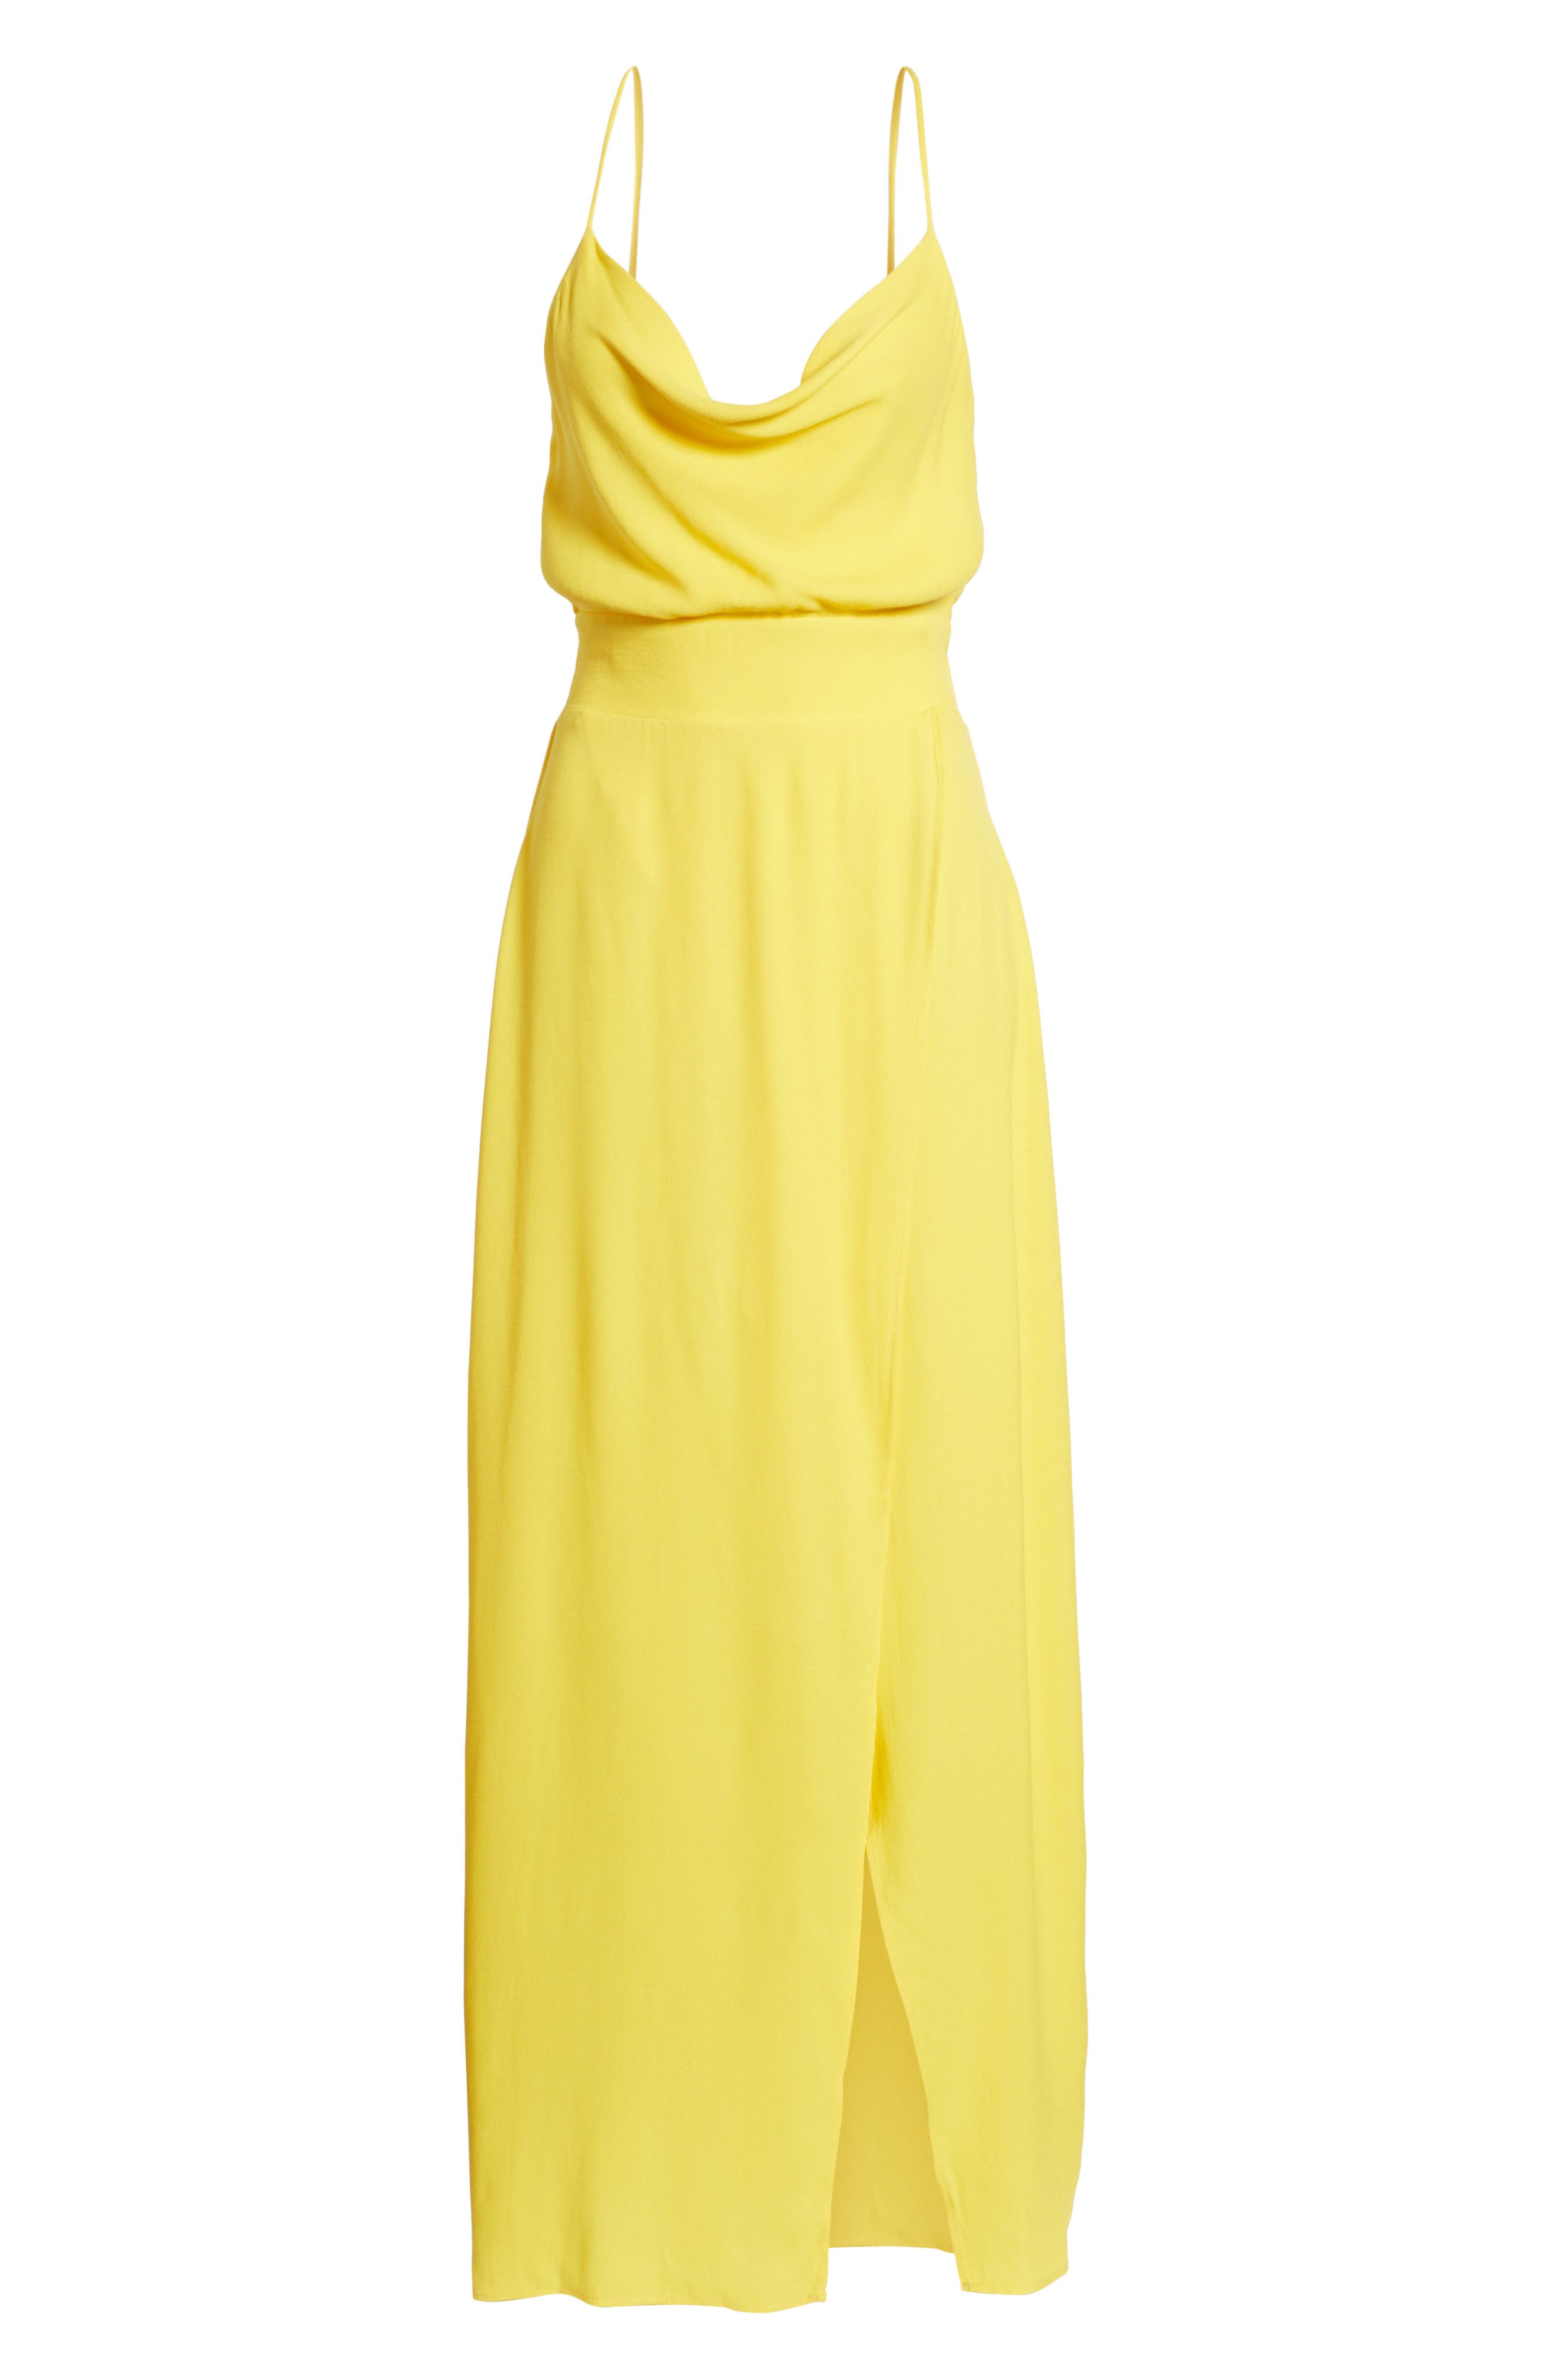 Rain Maxi Dress,                             Alternate thumbnail 7, color,                             Gold